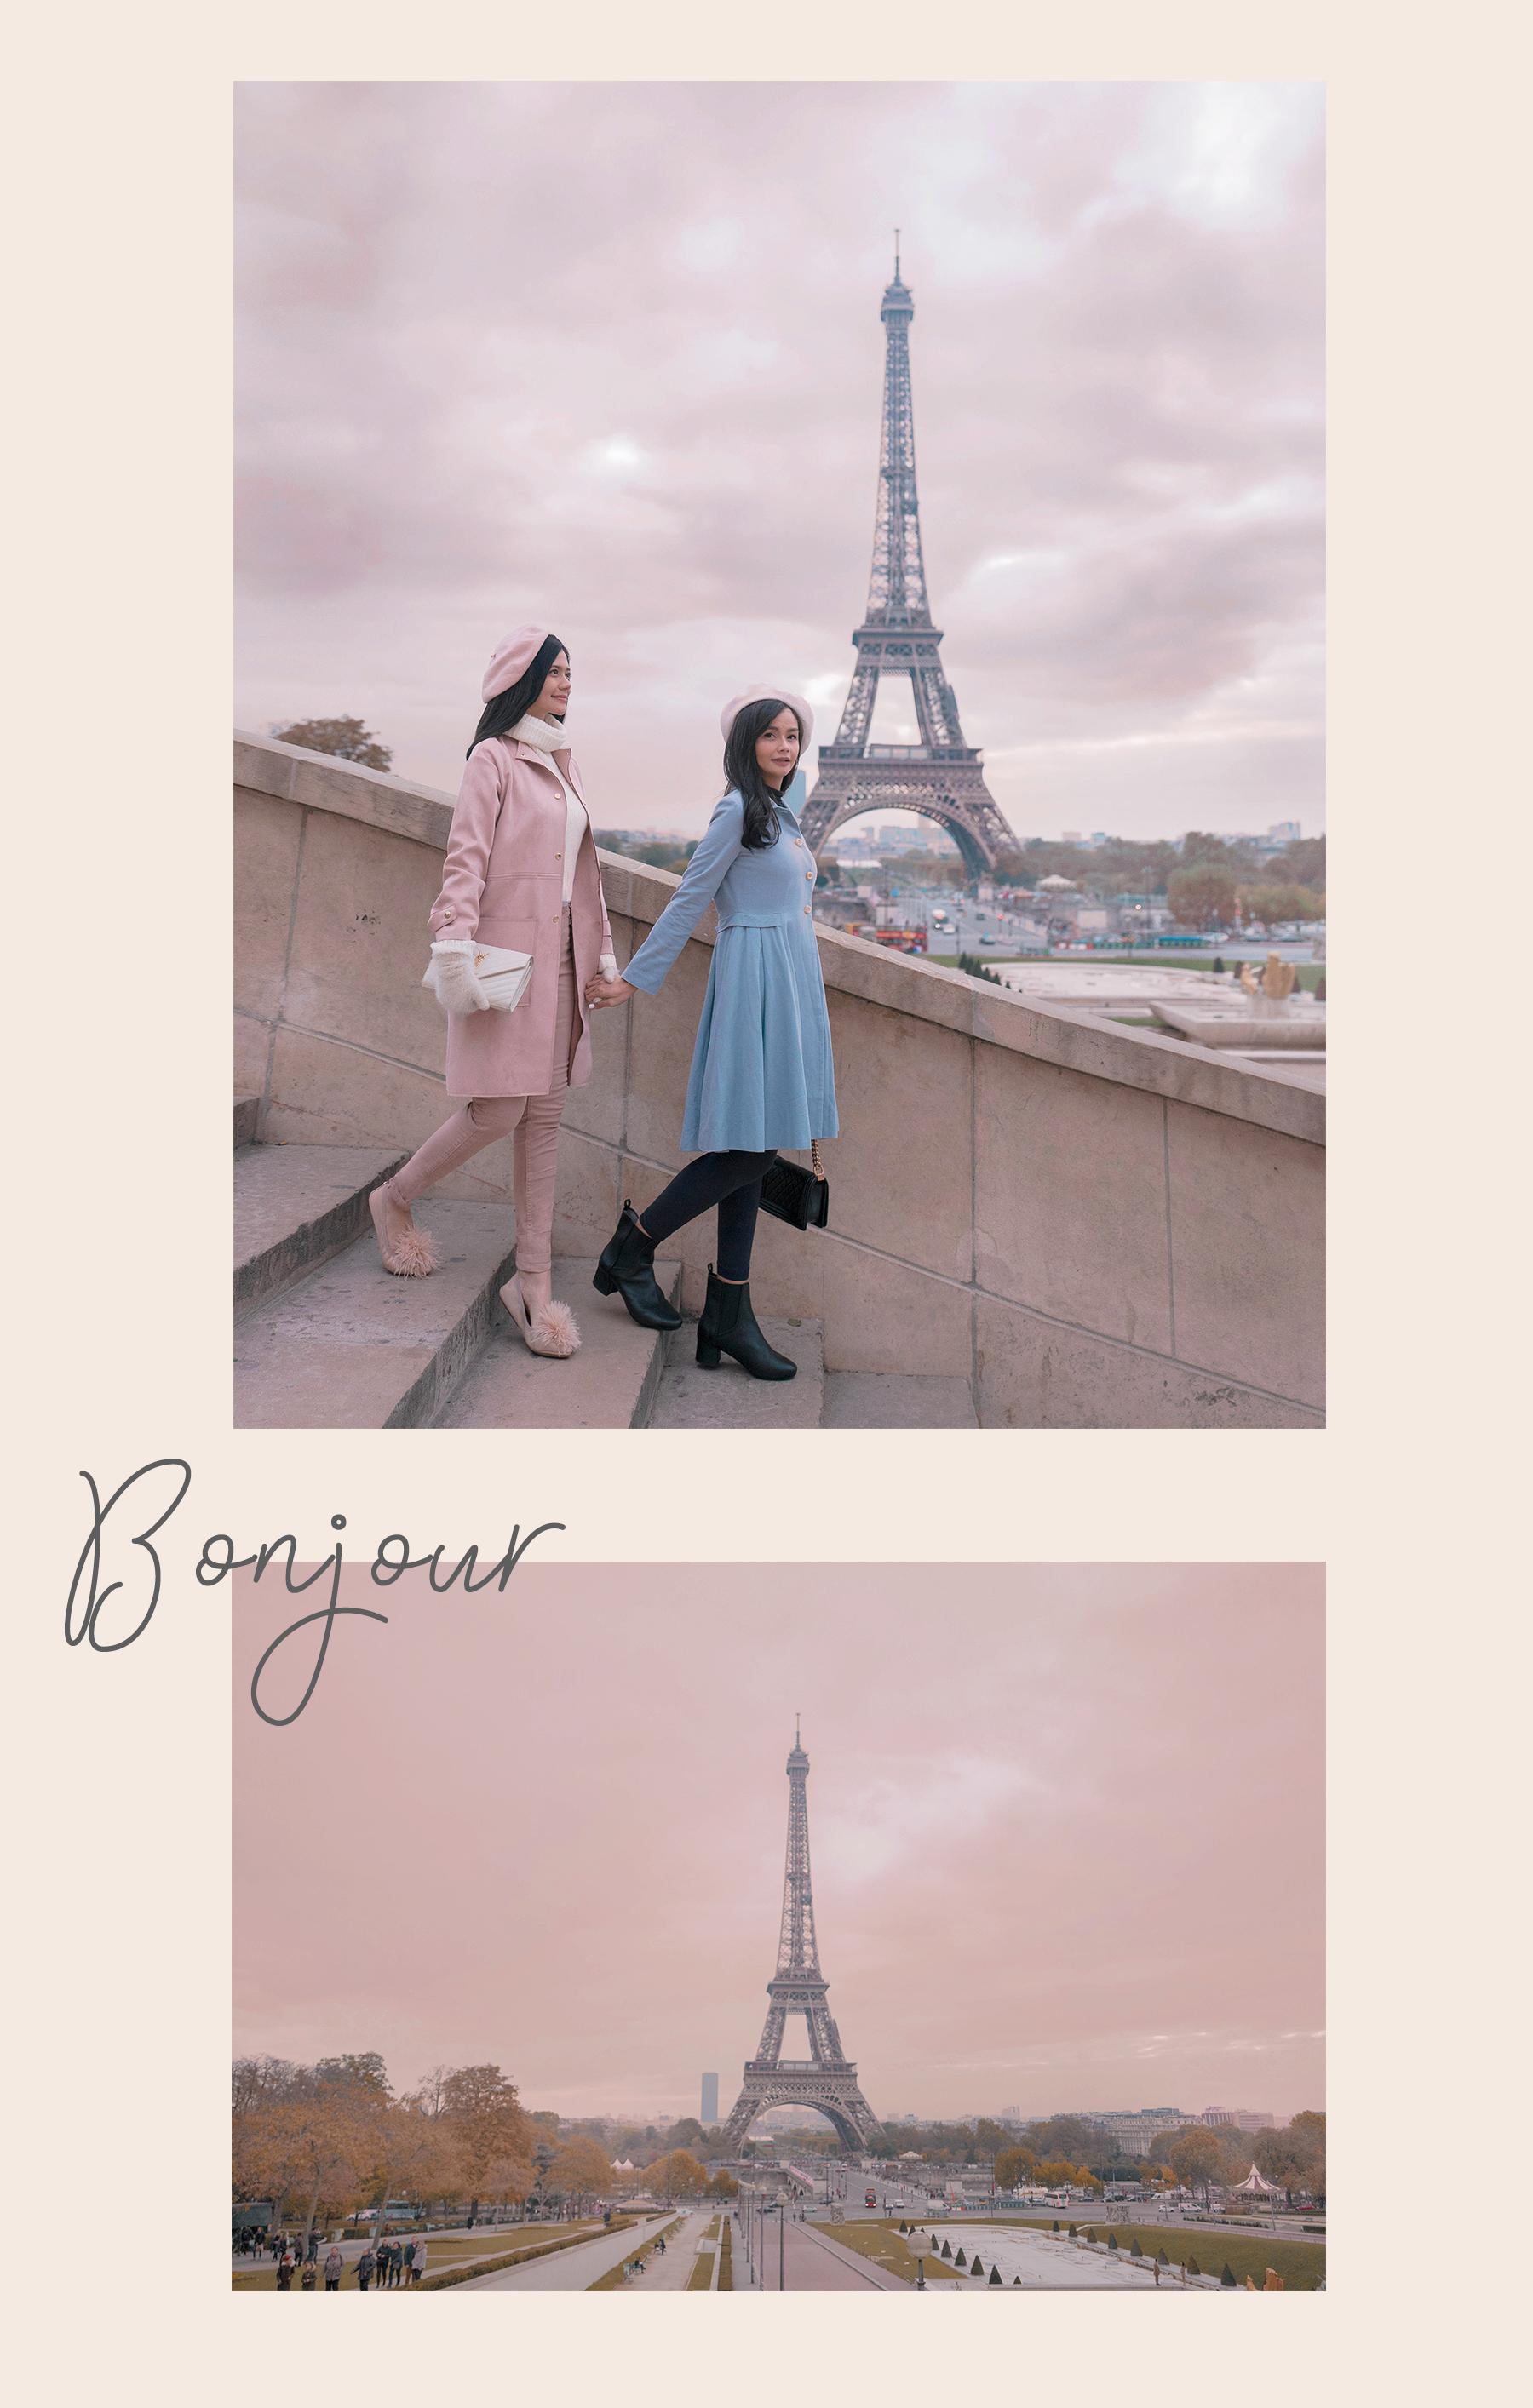 8. V&V - Eiffel Tower 1